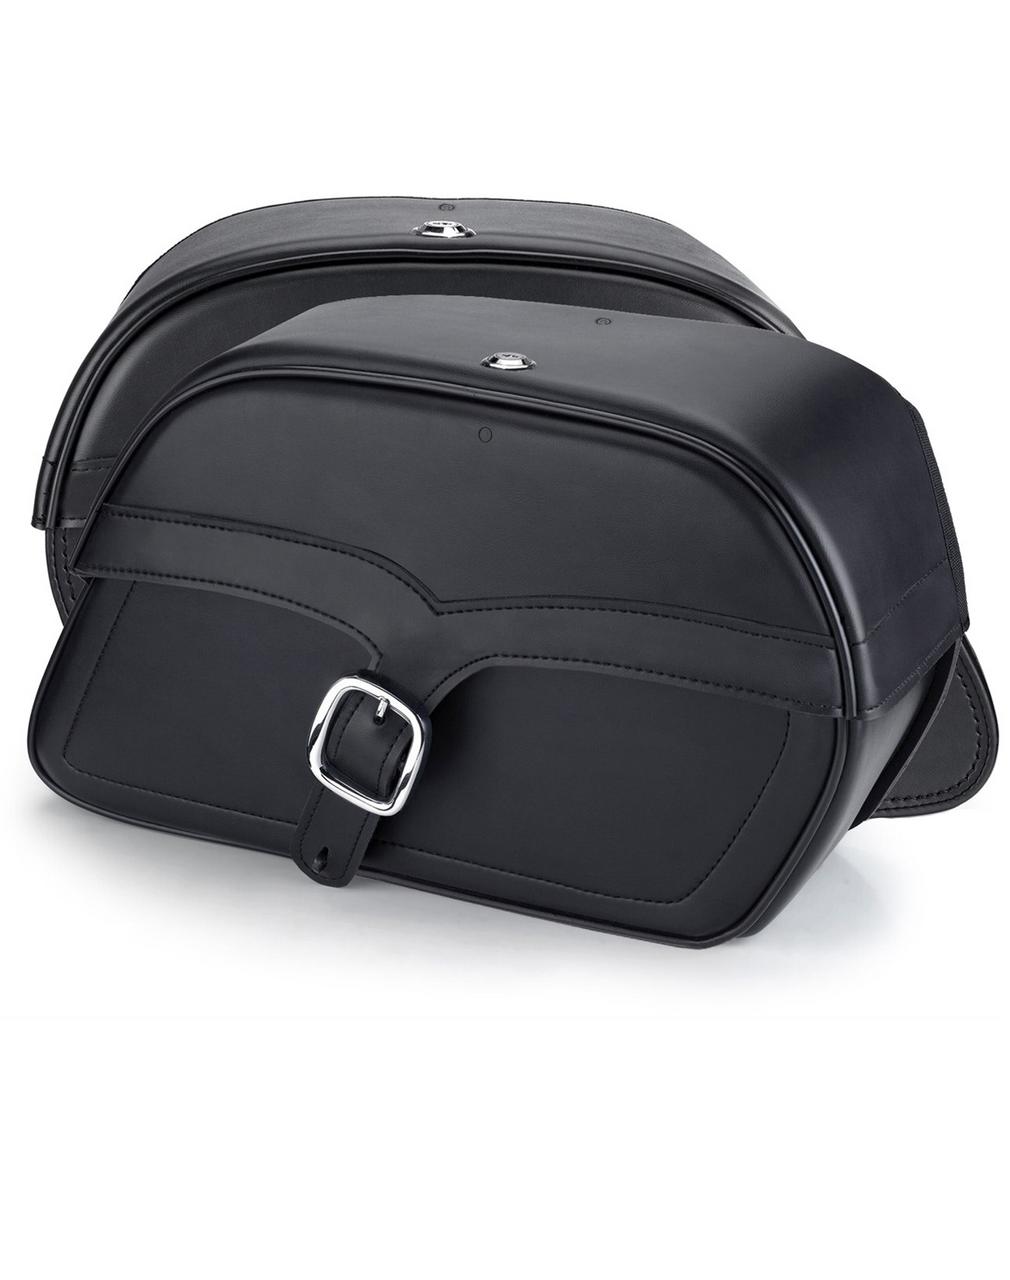 Suzuki Boulevard M50 Charger Medium Single Strap Motorcycle Saddlebags Both Bags View